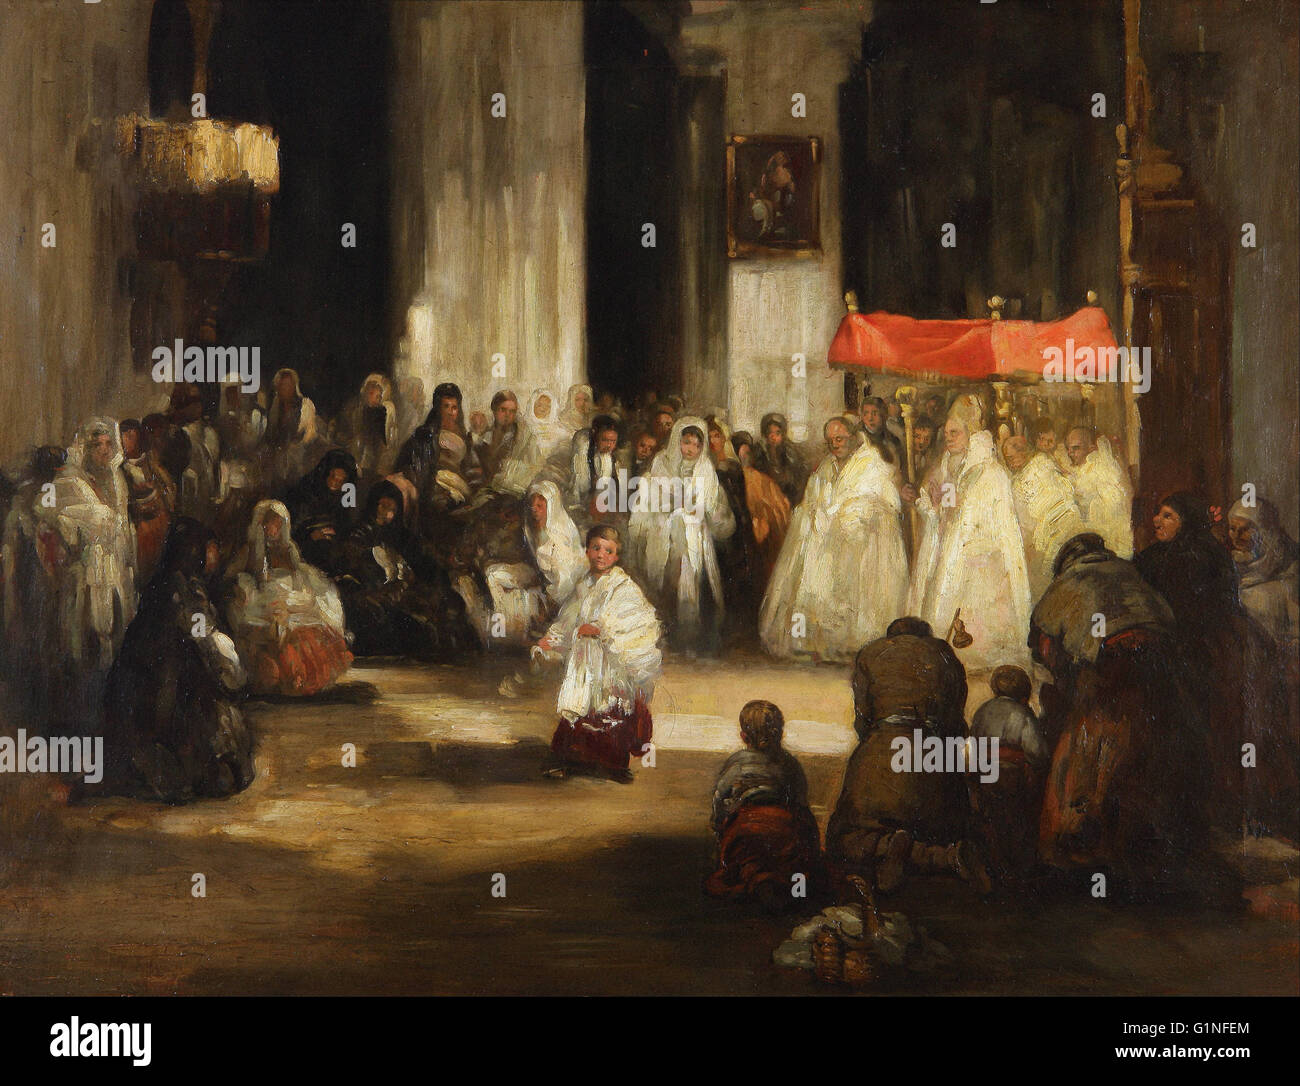 Leonardo Alenza - Grande Dio - Museo del Romanticismo, Madrid Immagini Stock